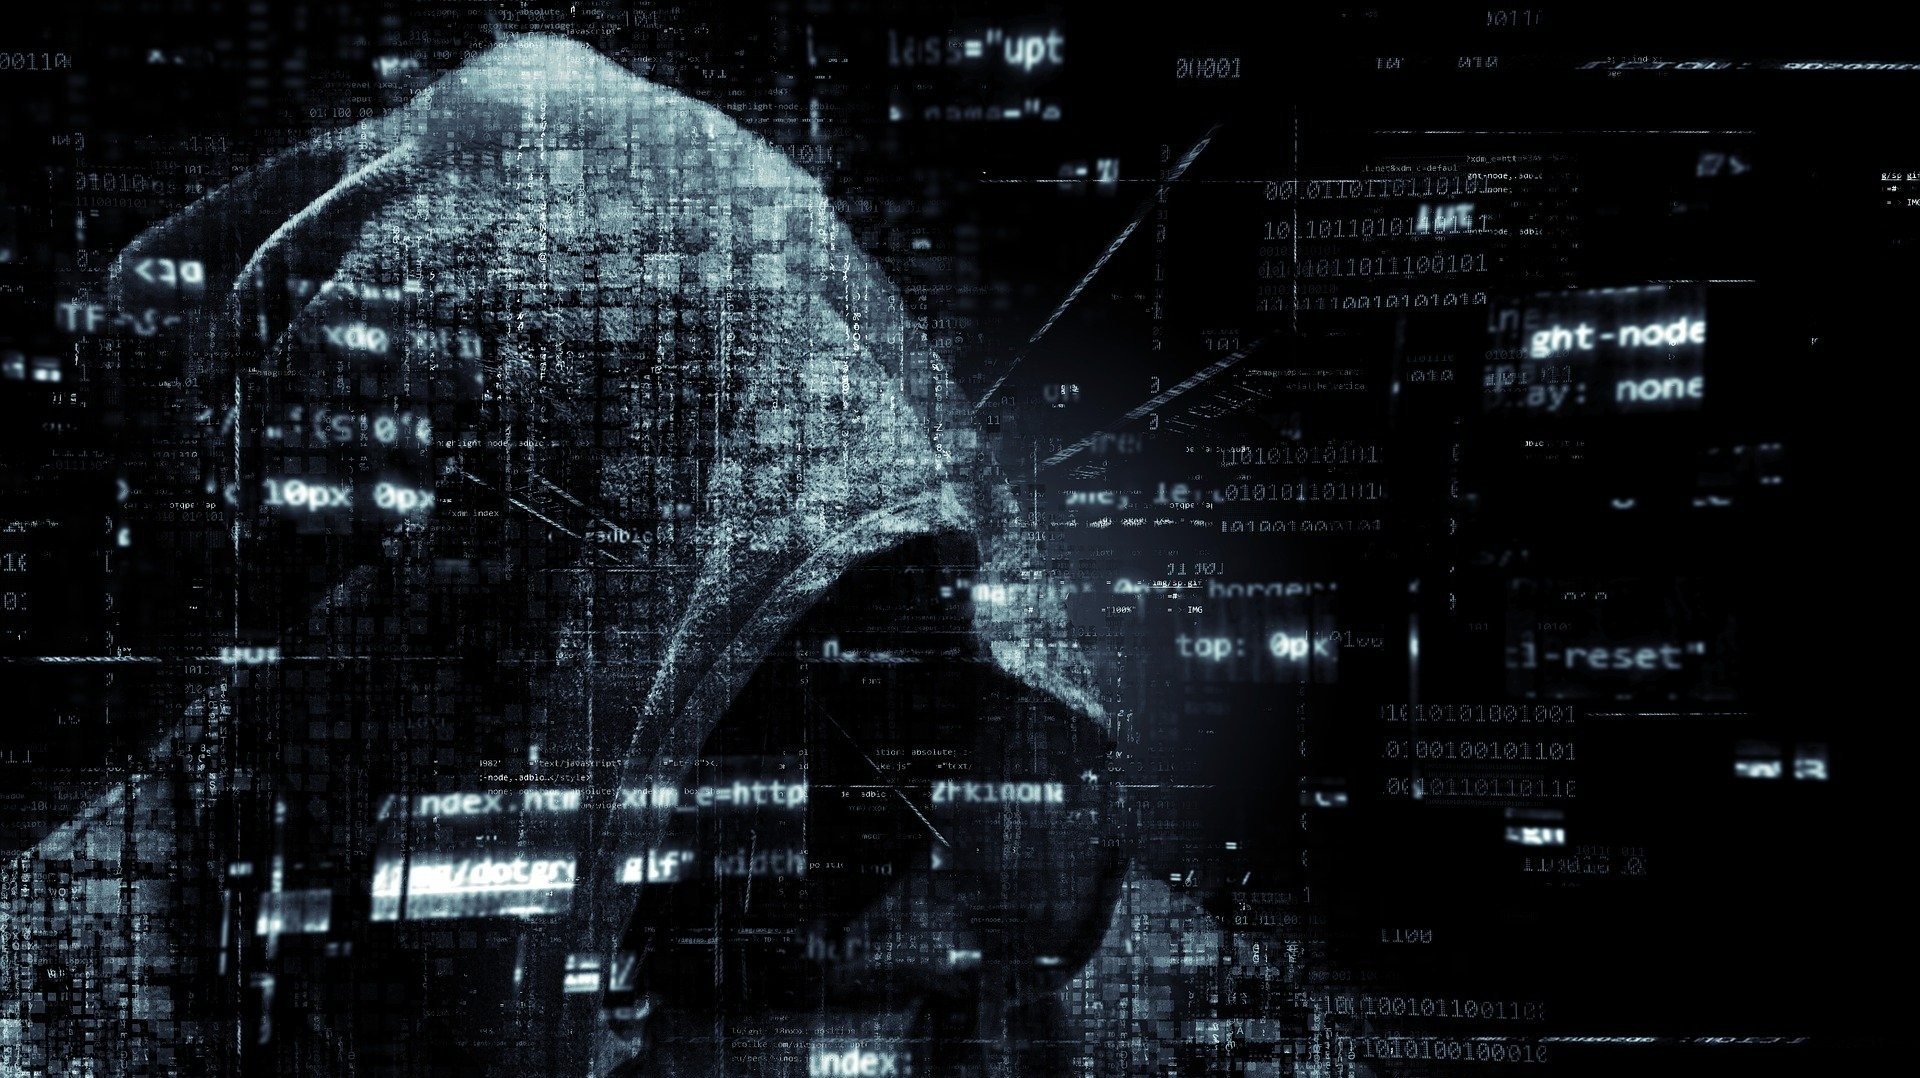 https://pixabay.com/illustrations/hacker-cyber-crime-internet-2300772/